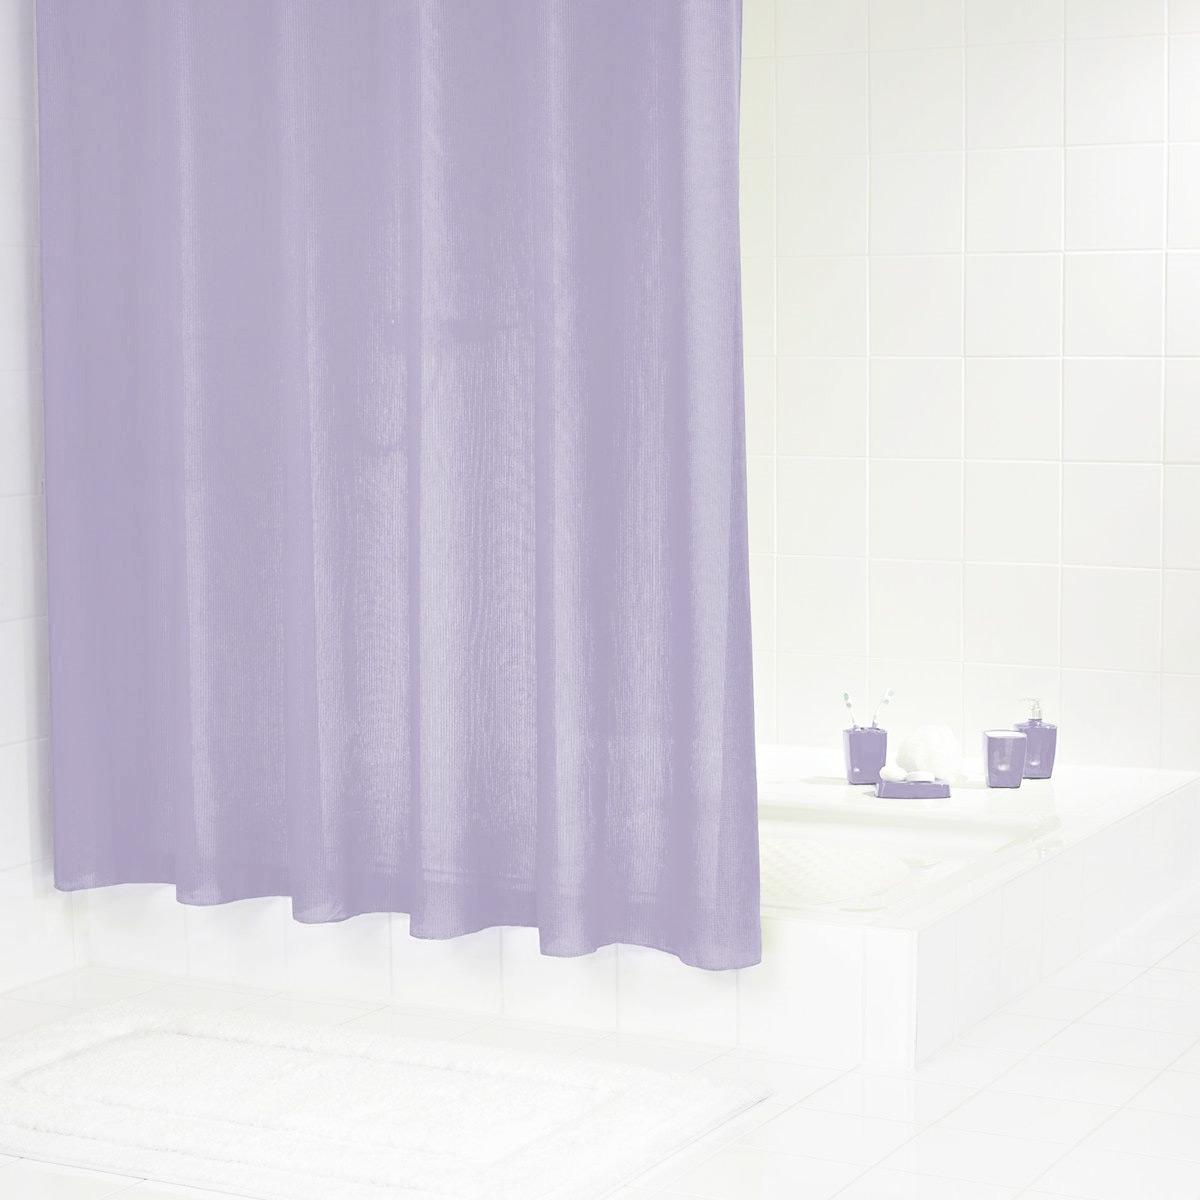 Штора для ванной комнаты Ridder Rubin, цвет: фиолетовый, 180 х 200 см391602Высококачественная немецкая шторка для душа создает прекрасное настроение. Данный продукт имеет антигрибковое, водоотталкивающее и антистатическое покрытие. Качественная обстрочка всех кантов. Утяжелённый нижний кант из каучука. Машинная стирка. Глажка при низкой температуре.